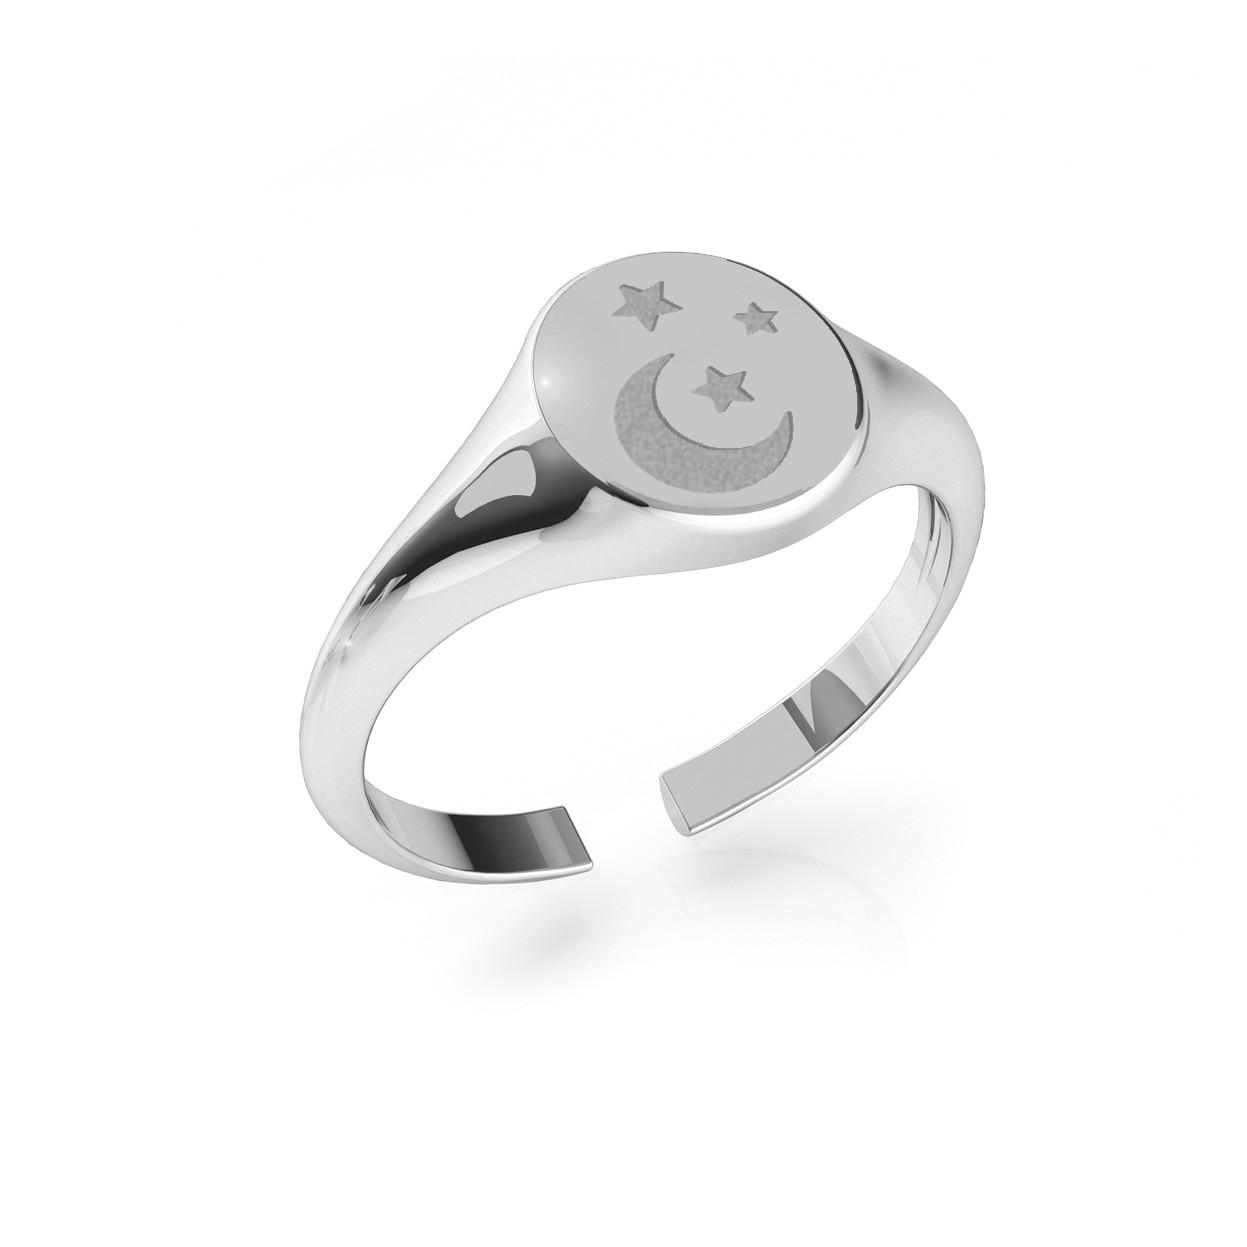 Srebrny sygnet księżyc i gwiazda, MON DÉFI, srebro 925